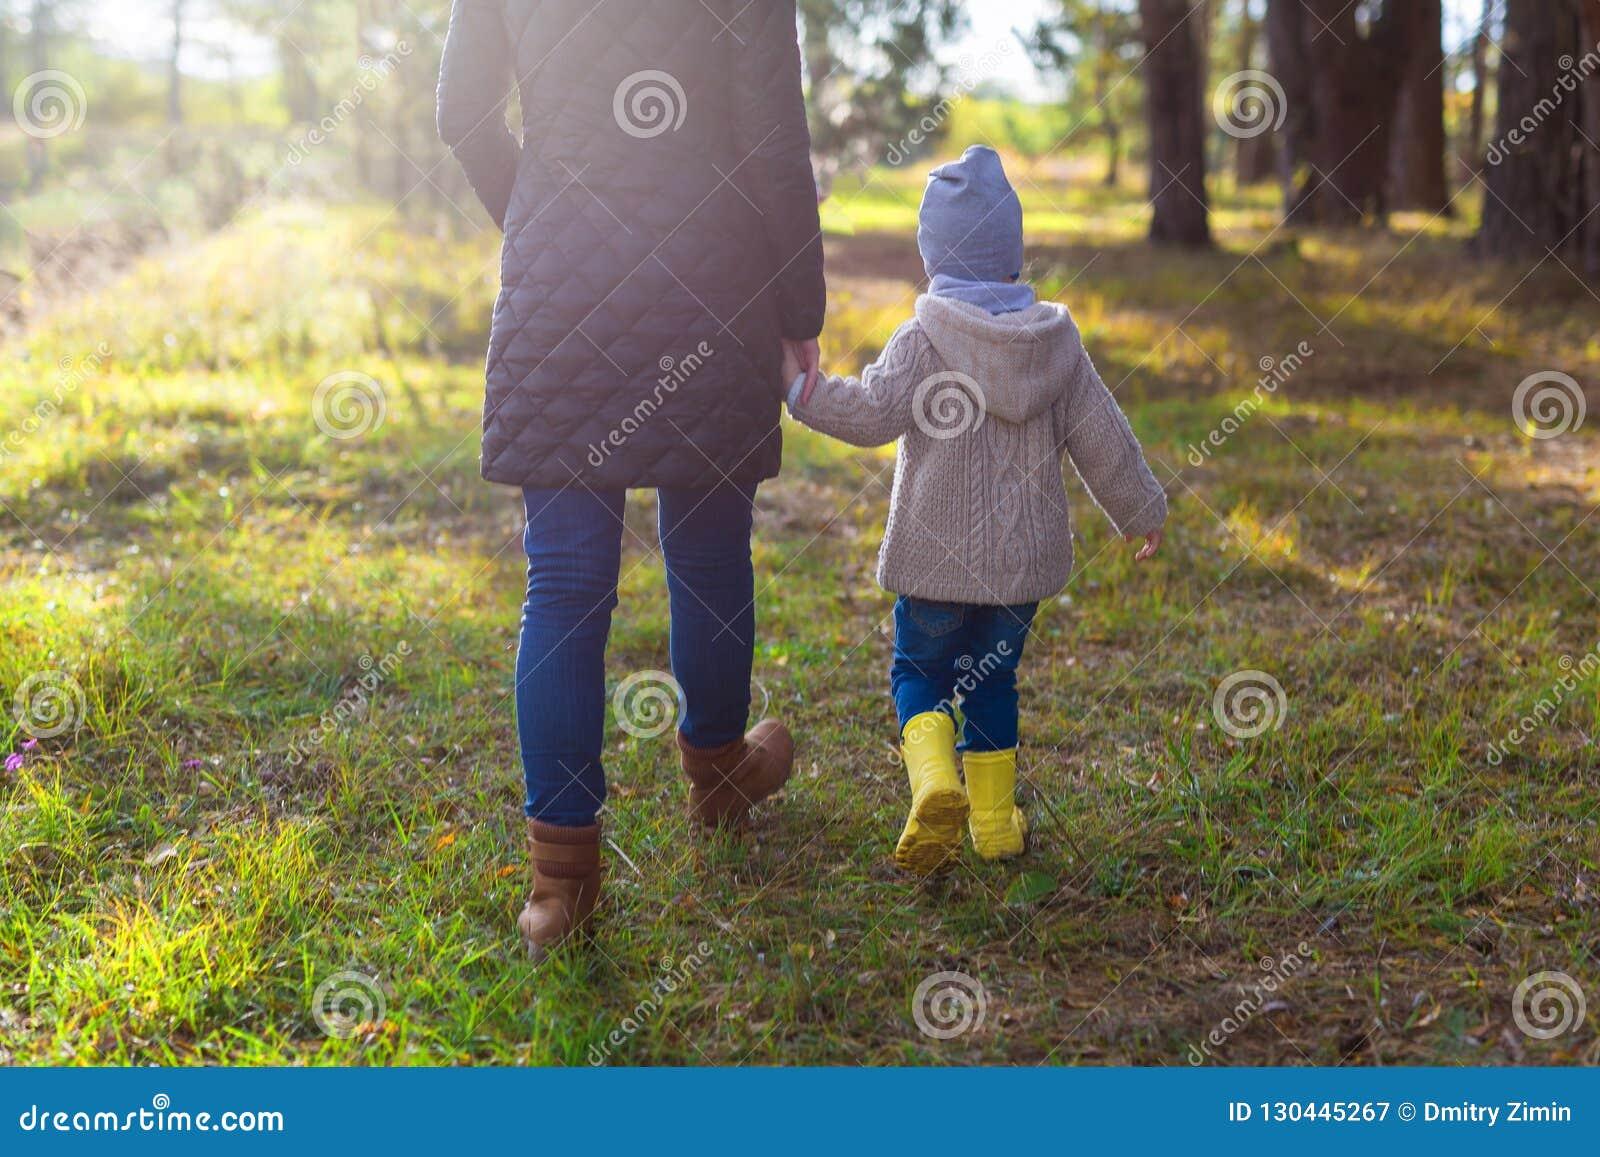 握她的孩子的手的年轻母亲,当走在森林里时